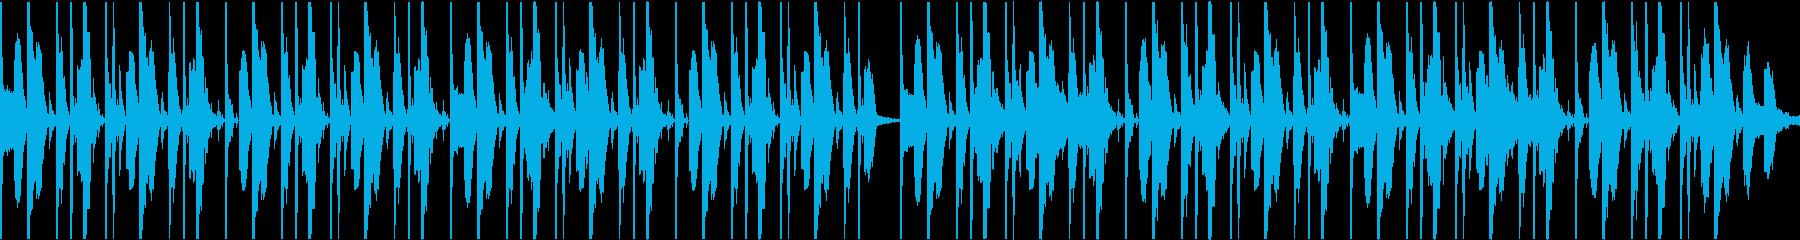 ダンサブルなファンクビート ver.2の再生済みの波形